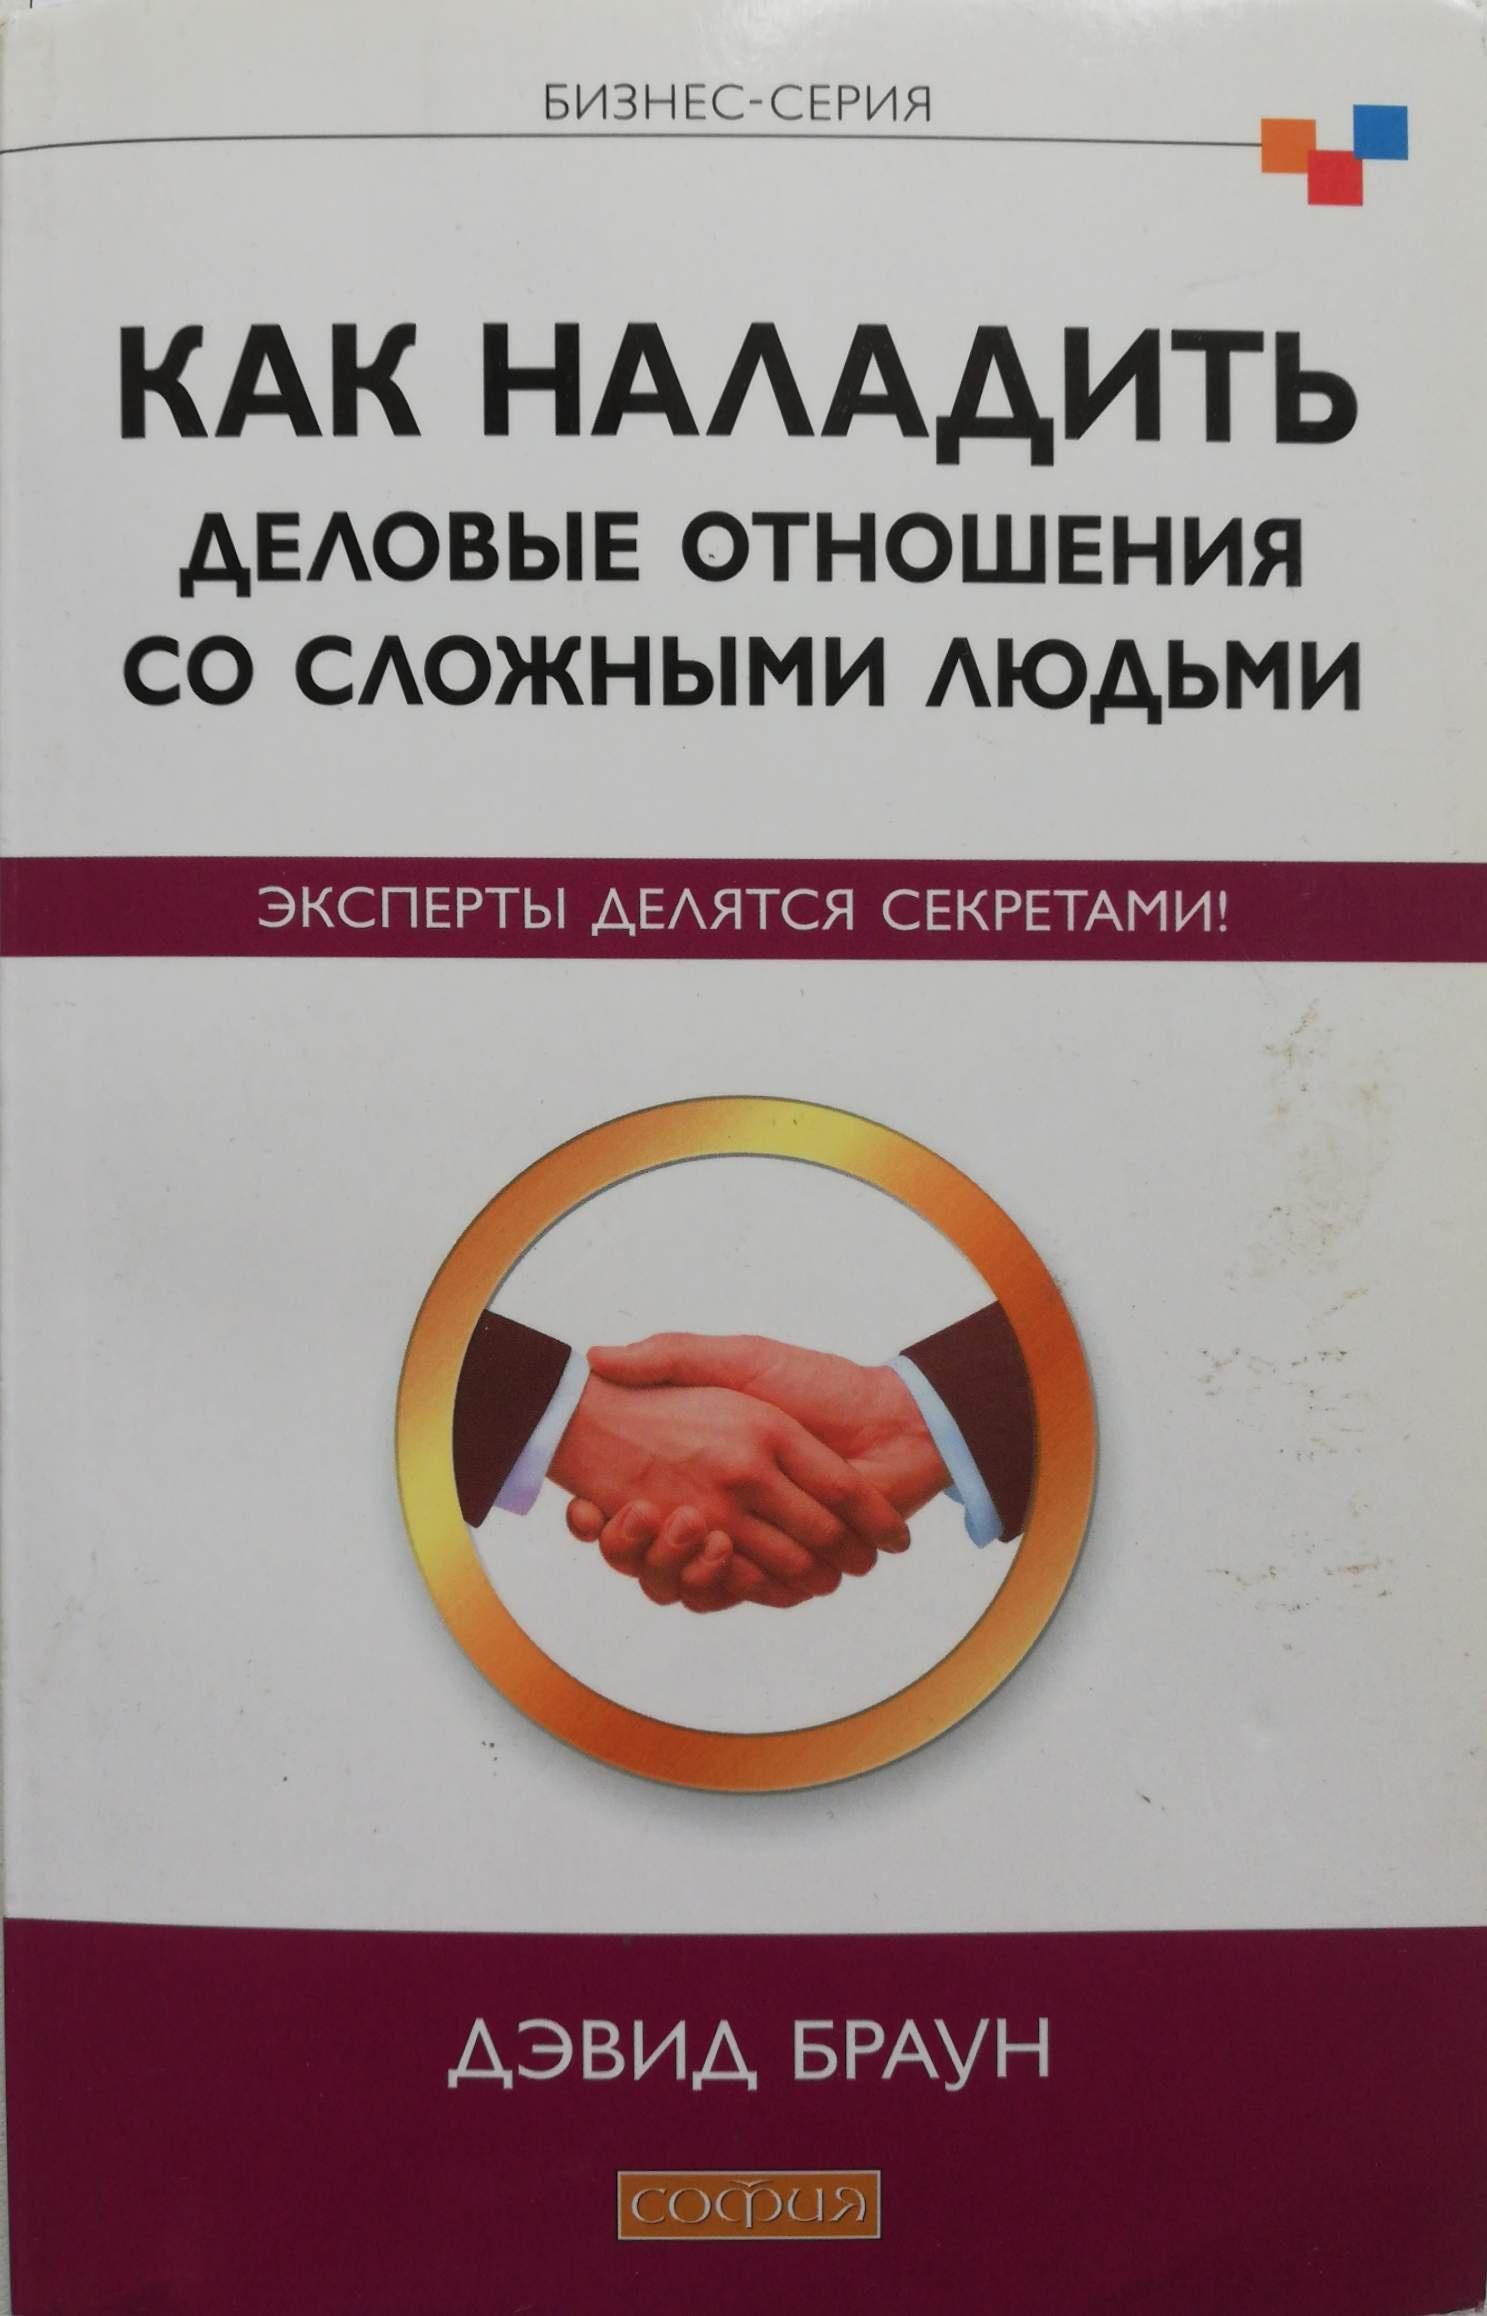 Браун Дэвид Как наладить деловые отношения со сложными людьми. Эксперты делятся секретами!